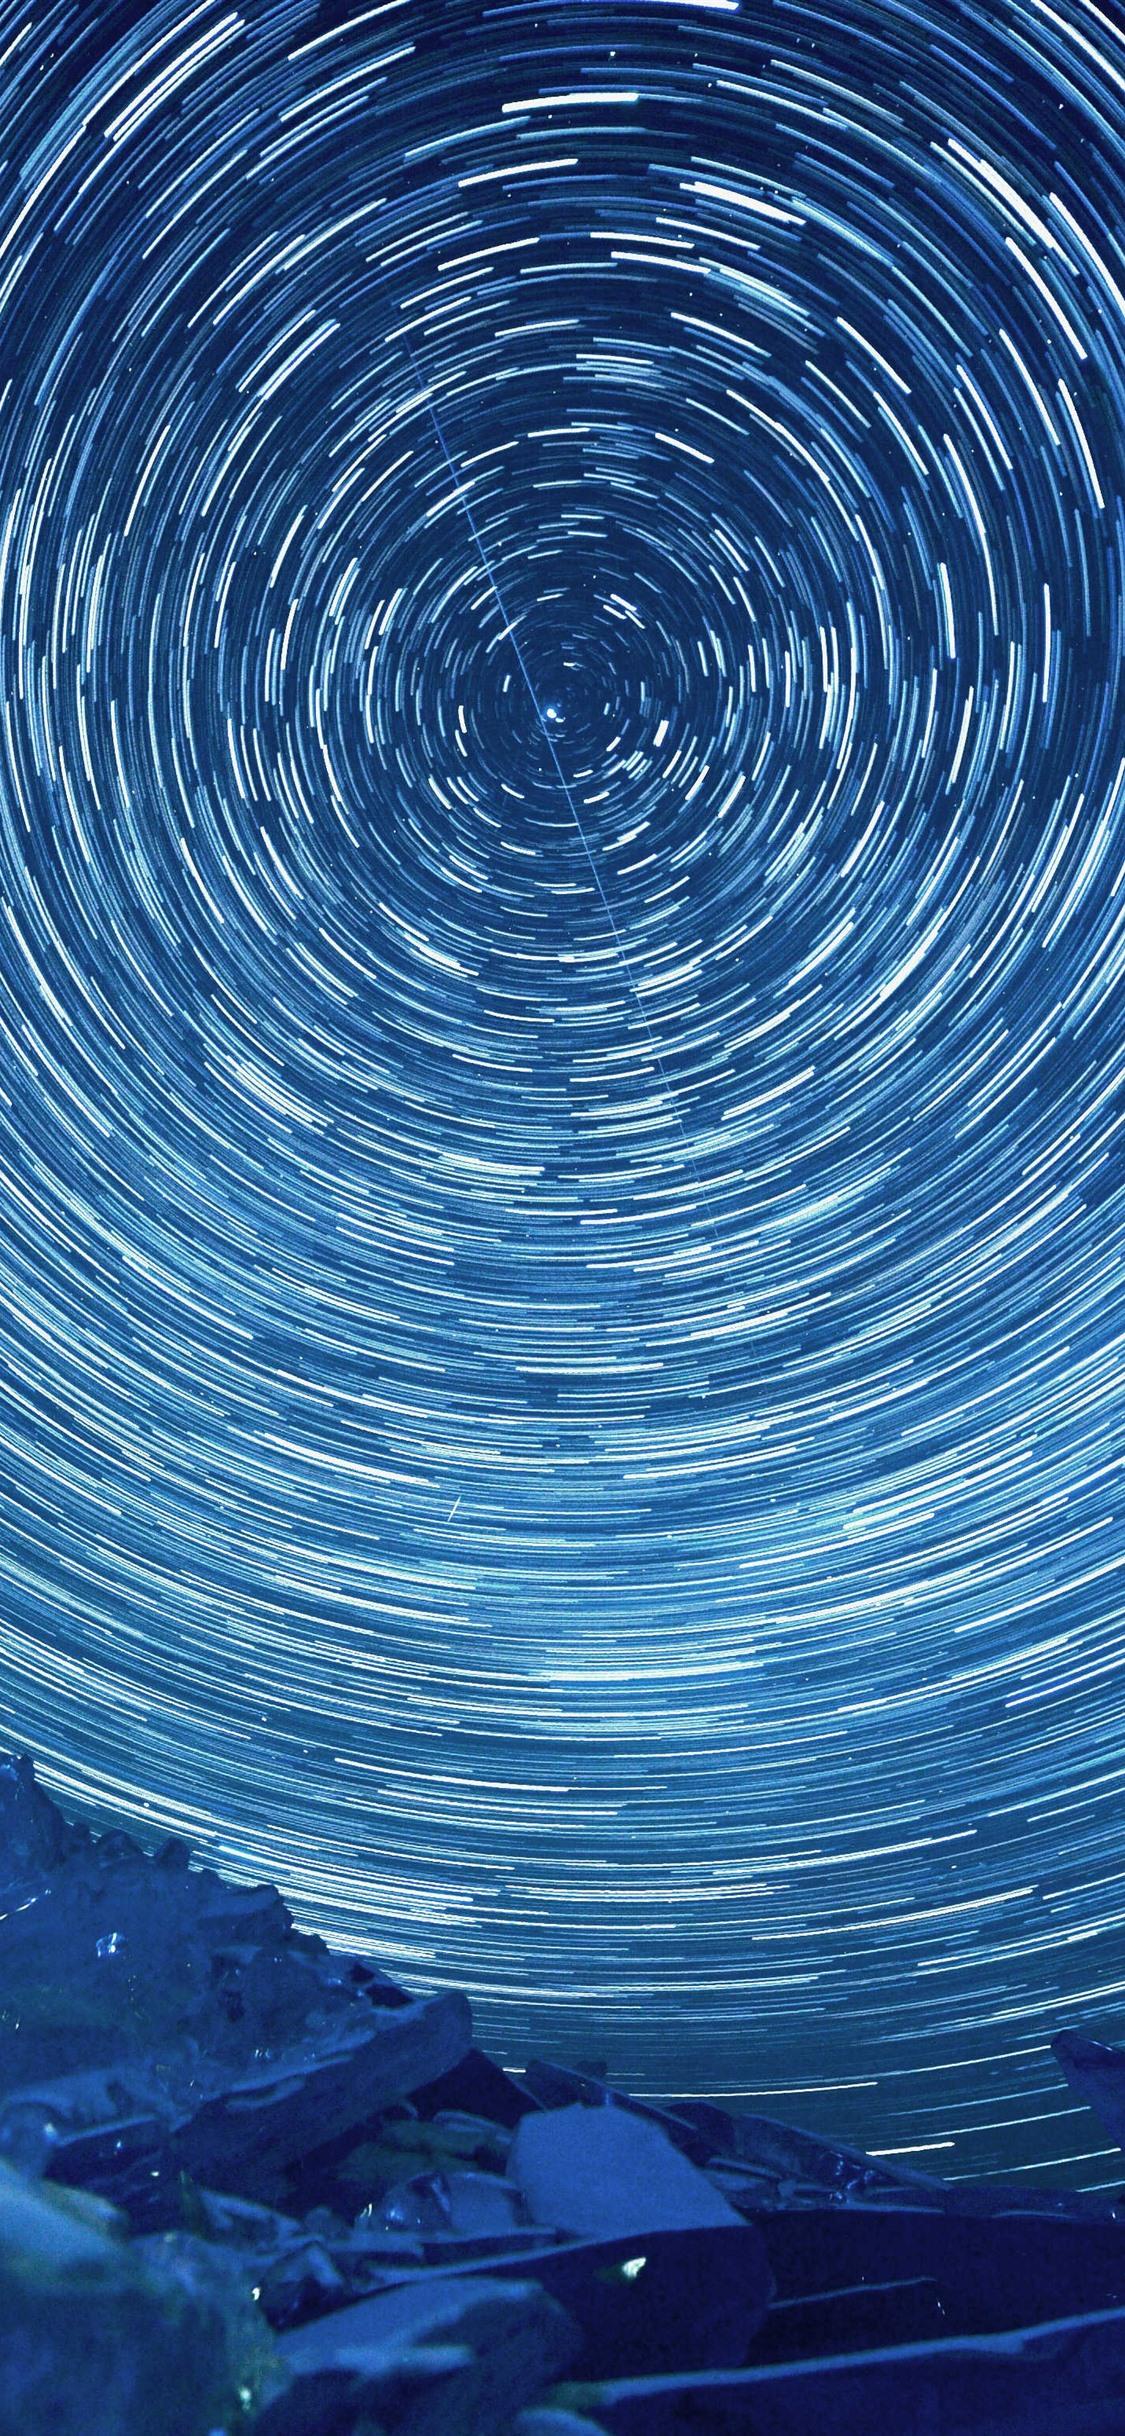 美丽的星轨 夜 冰岛1125x2436 Iphone 11 Pro Xs X 壁纸 图片 背景